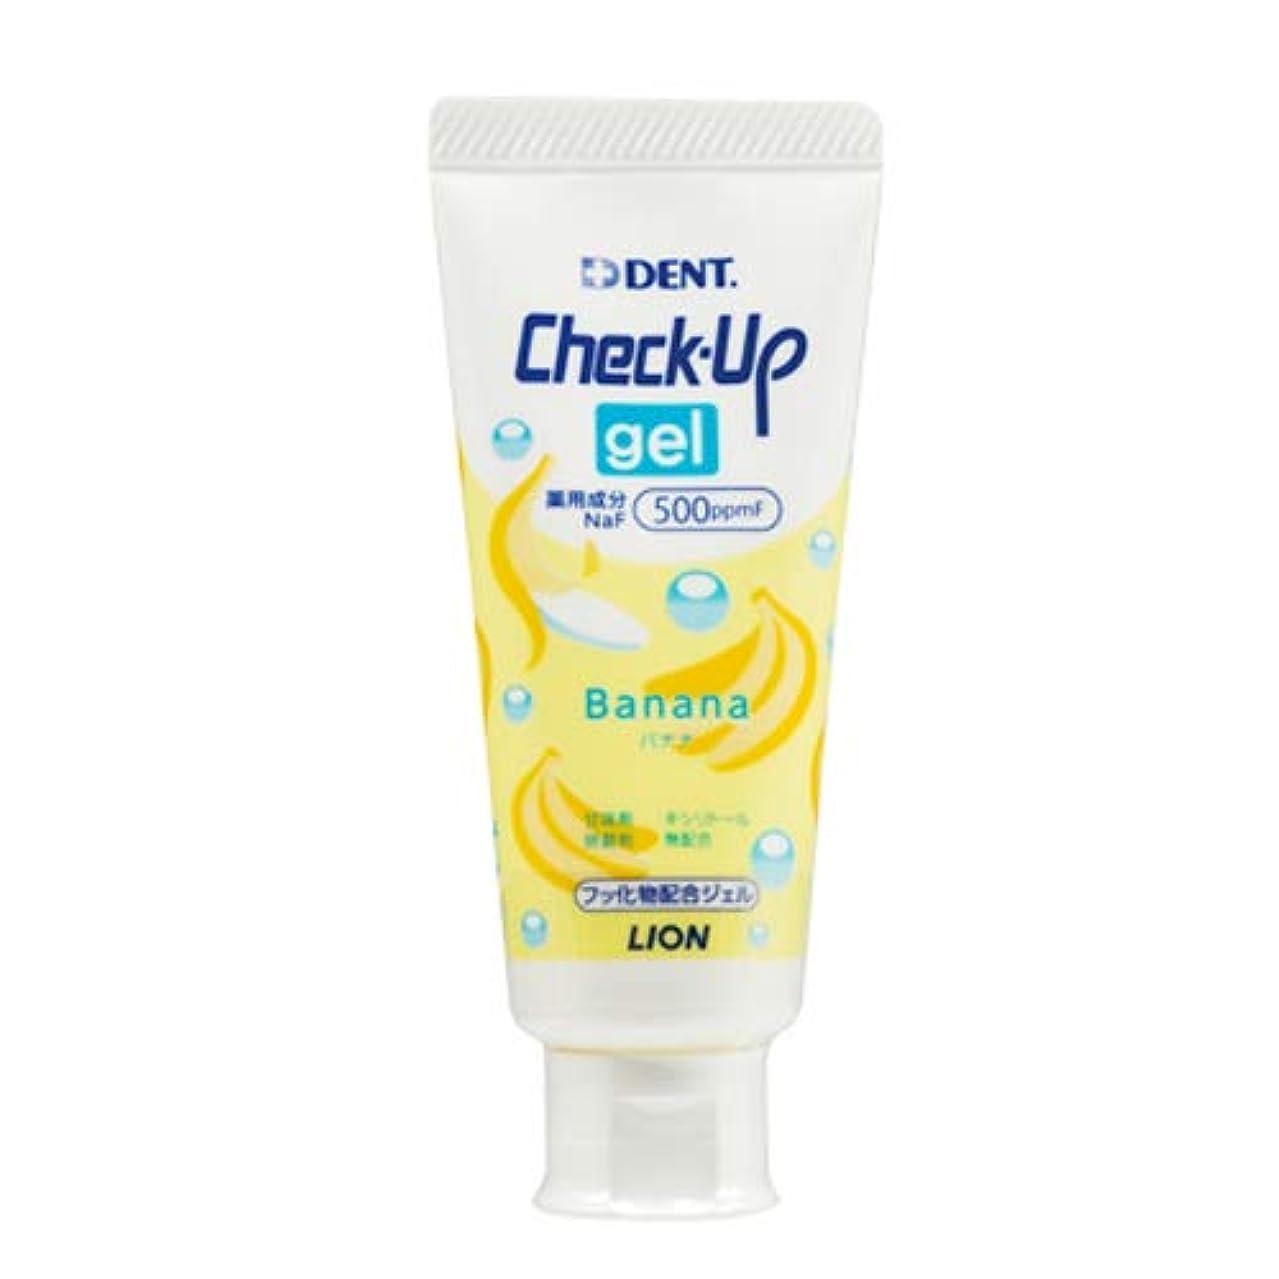 一般化する防ぐ小石【Lion/ライオン】【歯科用】Check-Up gel 1本【歯磨き粉】バナナ 60g【対象:6歳未満の乳幼児】【チェックアップジェル】【医薬部外品】